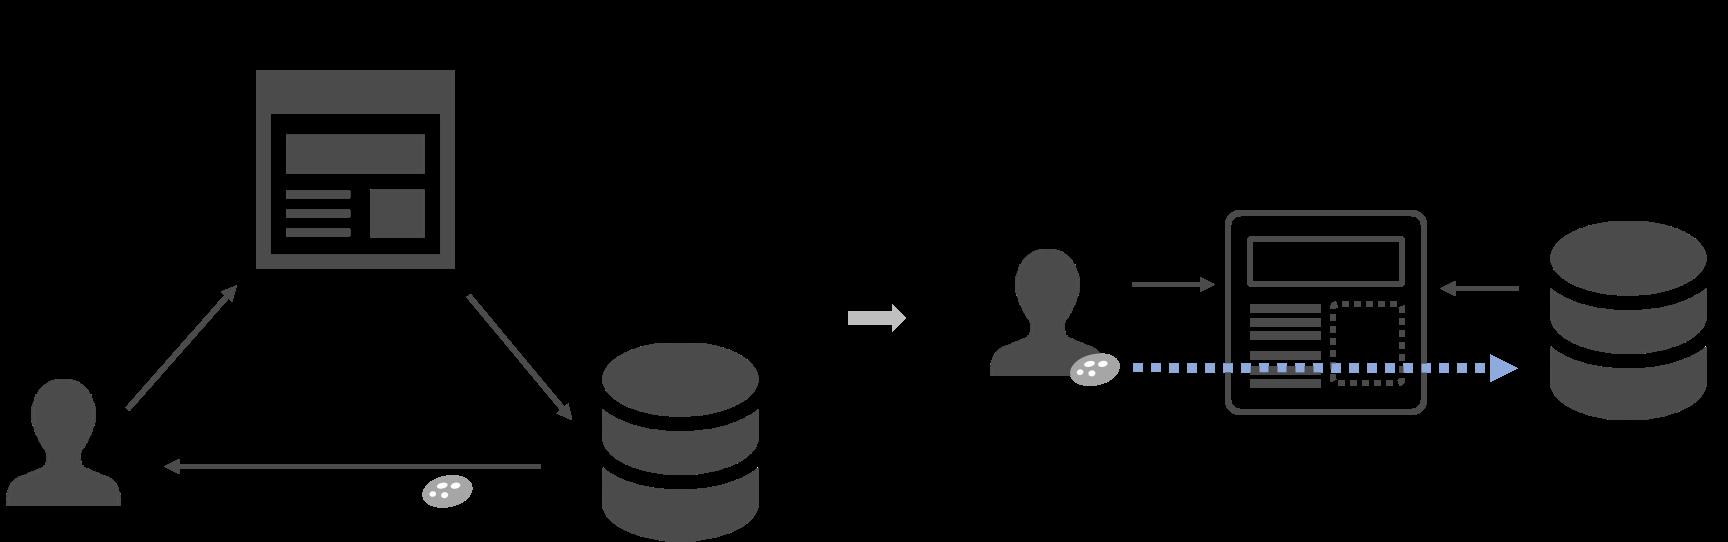 リマーケティングにおけるcookieの役割図